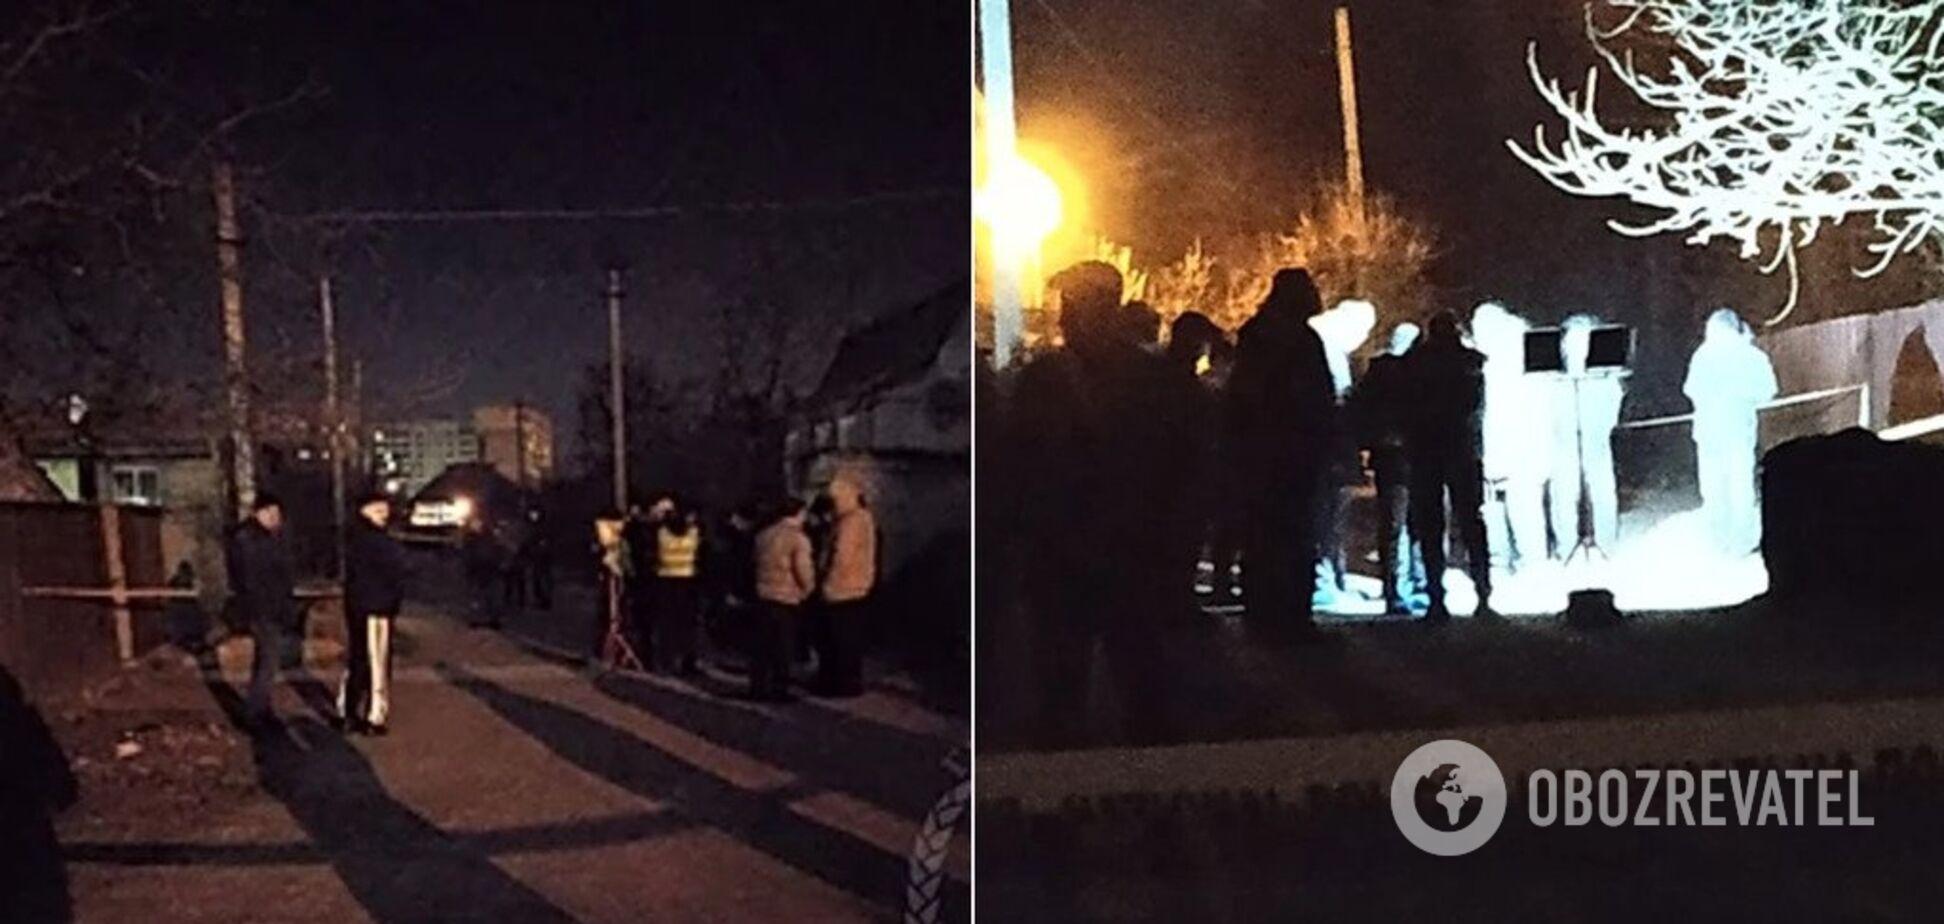 На Кіровоградщині розстріляли сім'ю: перші деталі і фото кривавого вбивства